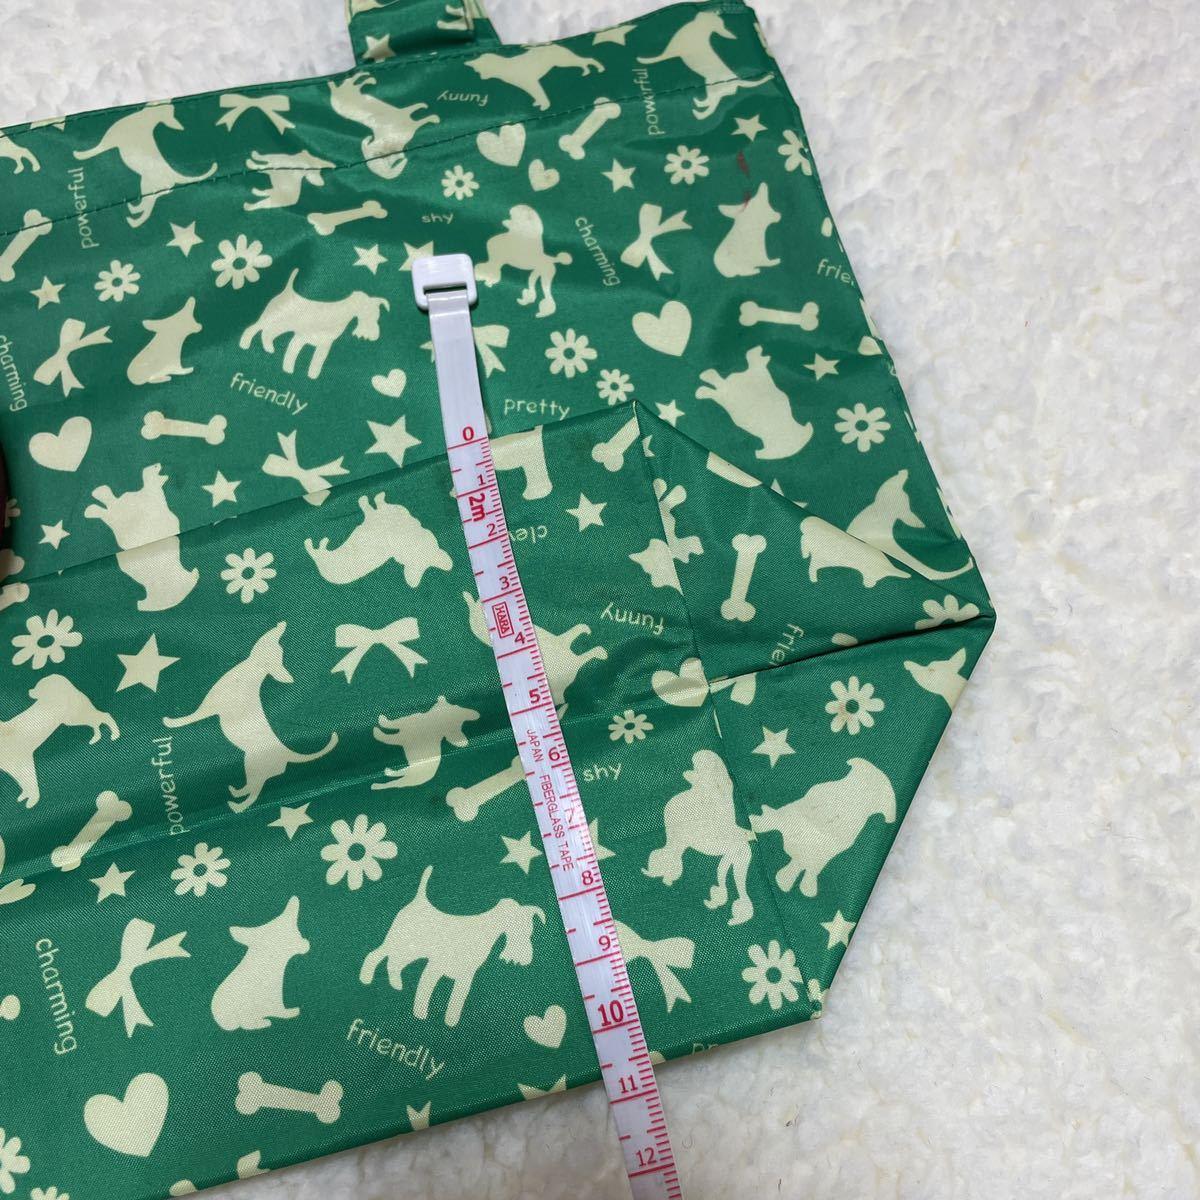 犬柄 トートバッグ 緑 汚れあり